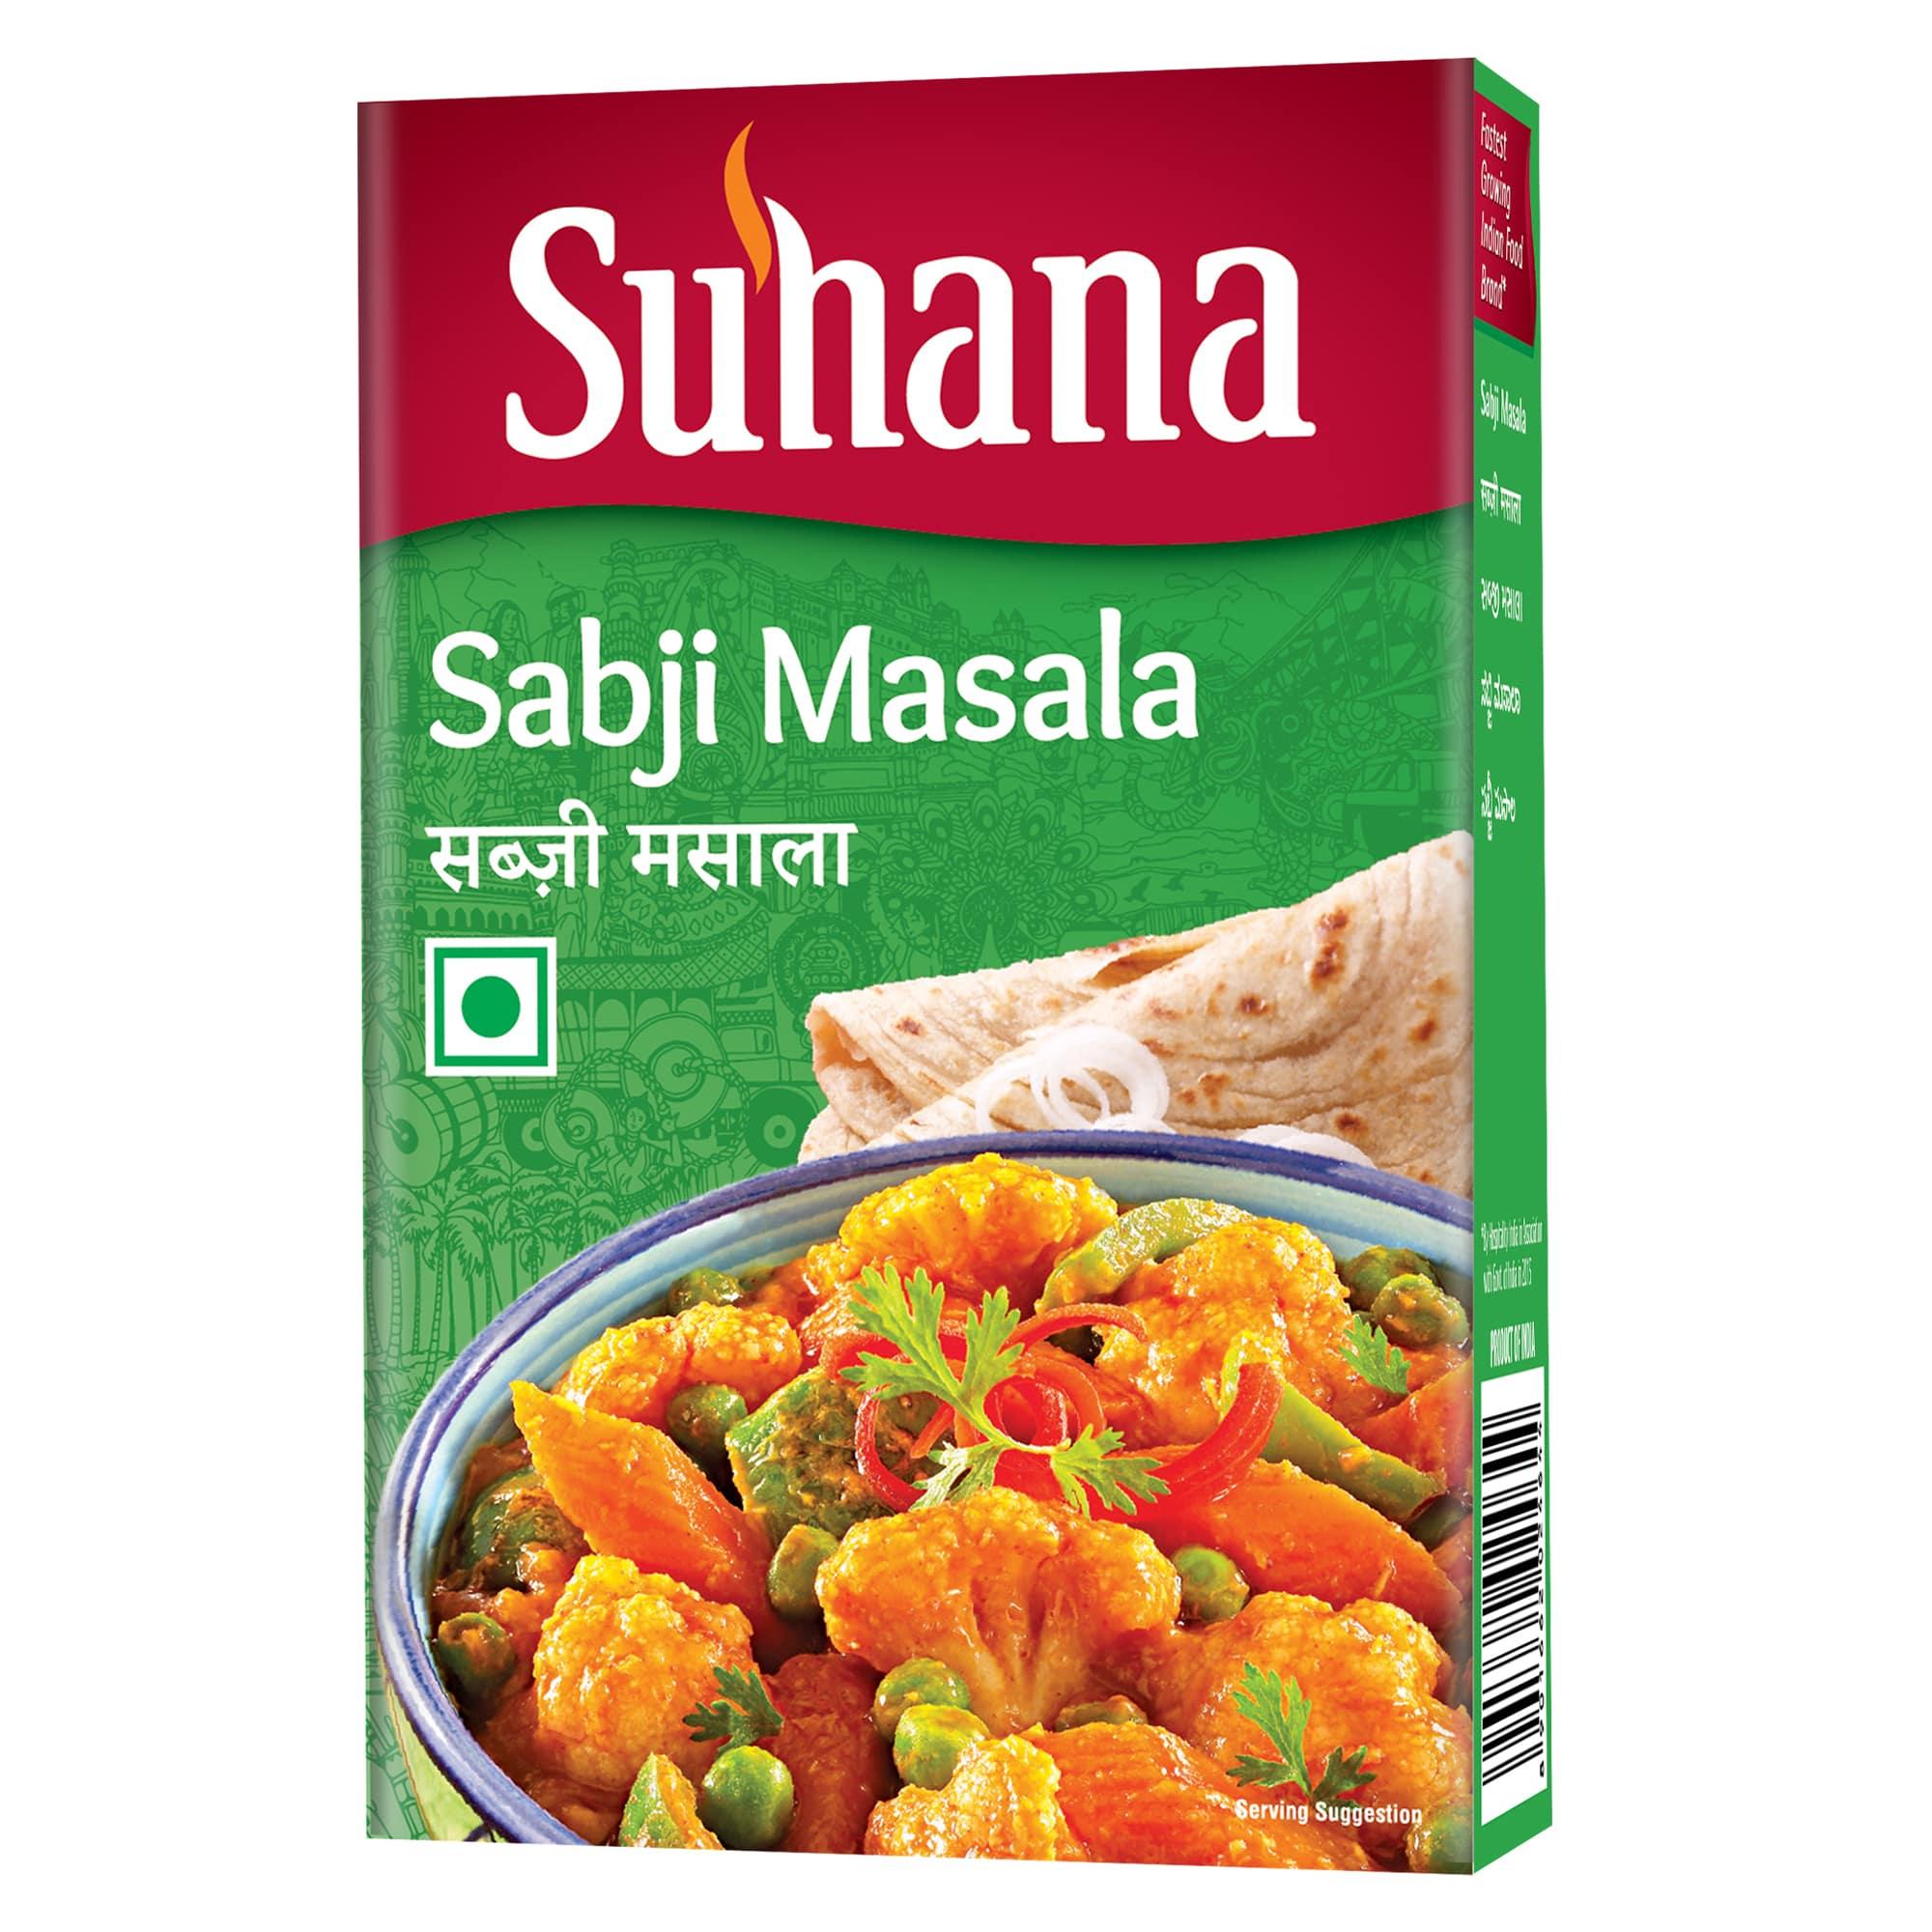 Suhana Sabji Masala 50 g Box